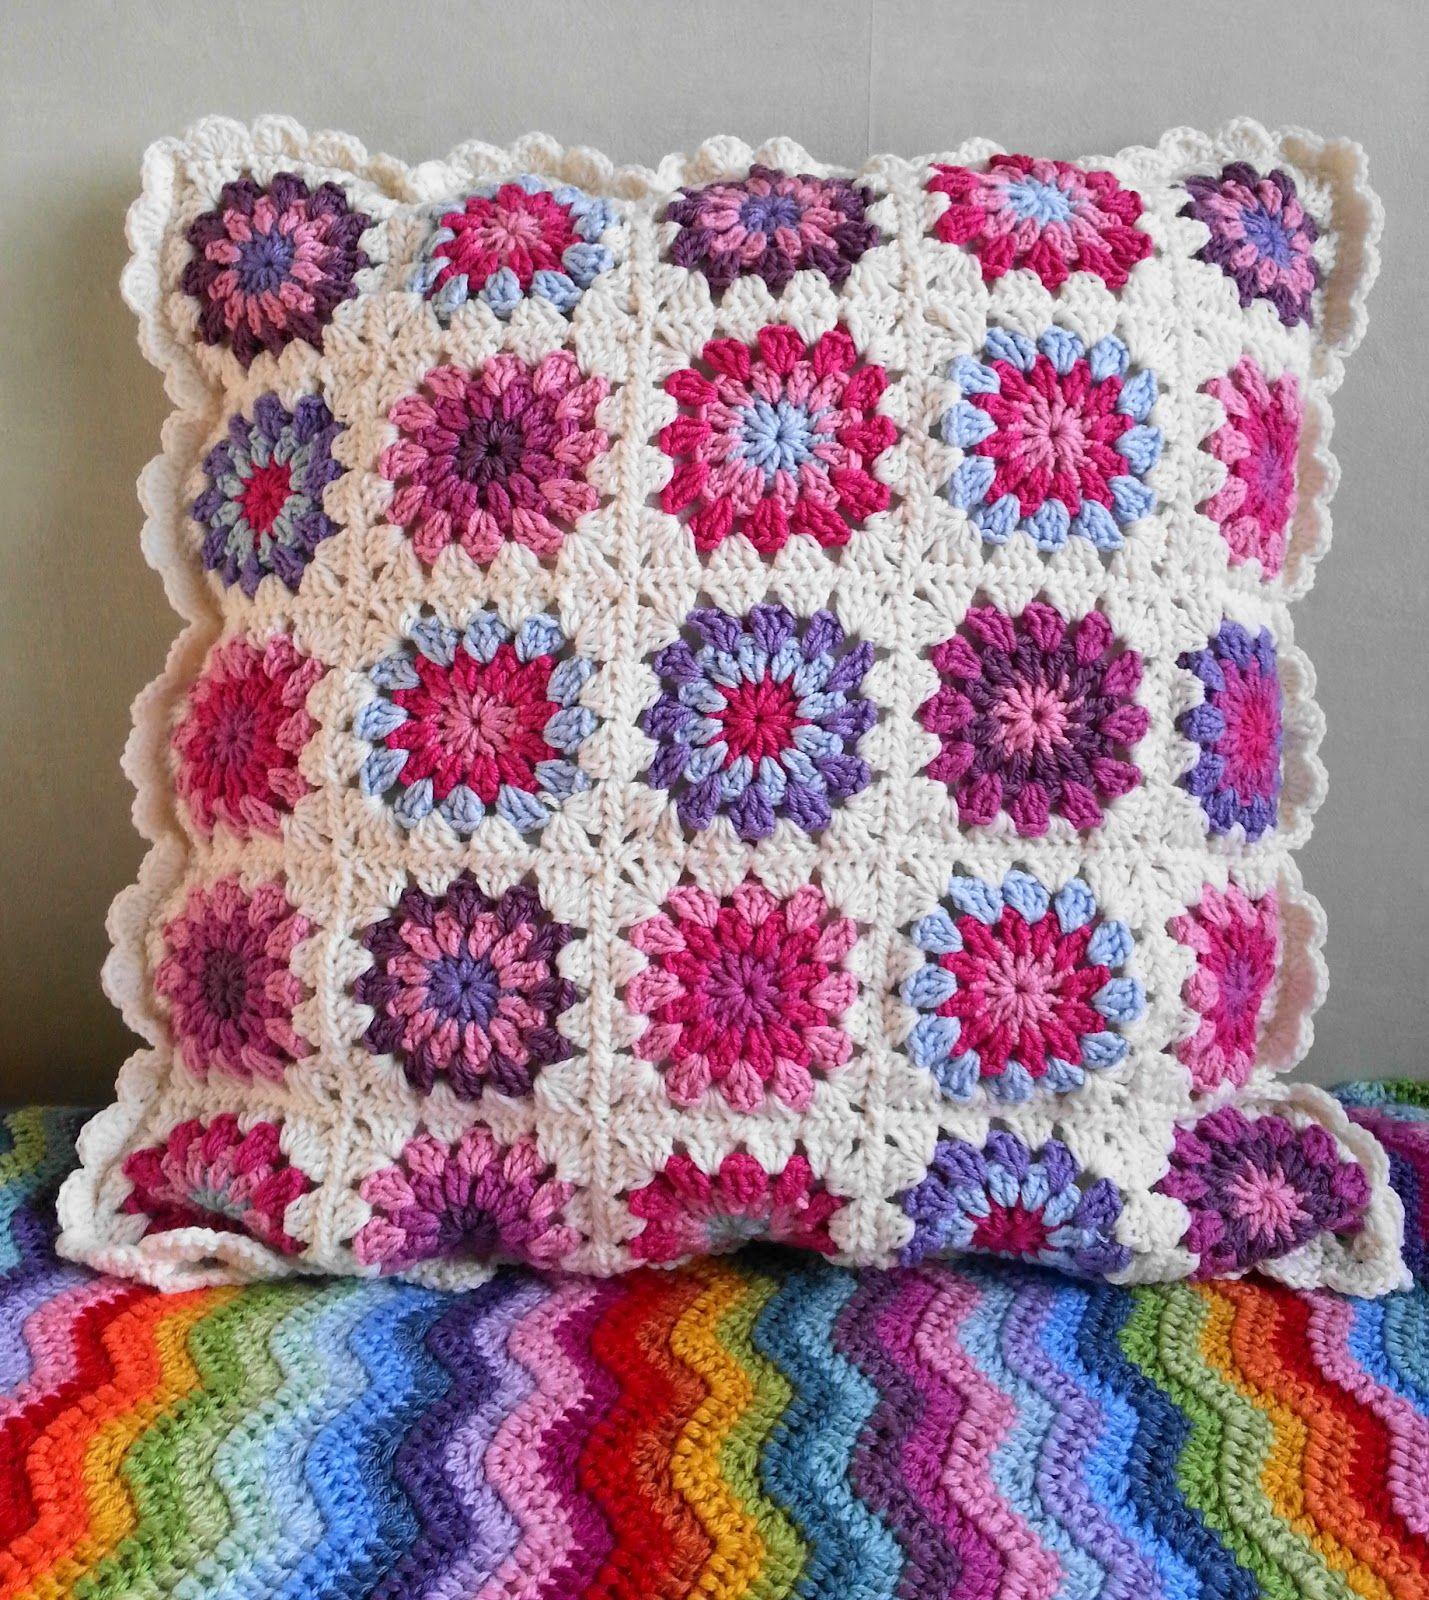 Increíble Los Patrones De Crochet De Alpaca Festooning - Manta de ...